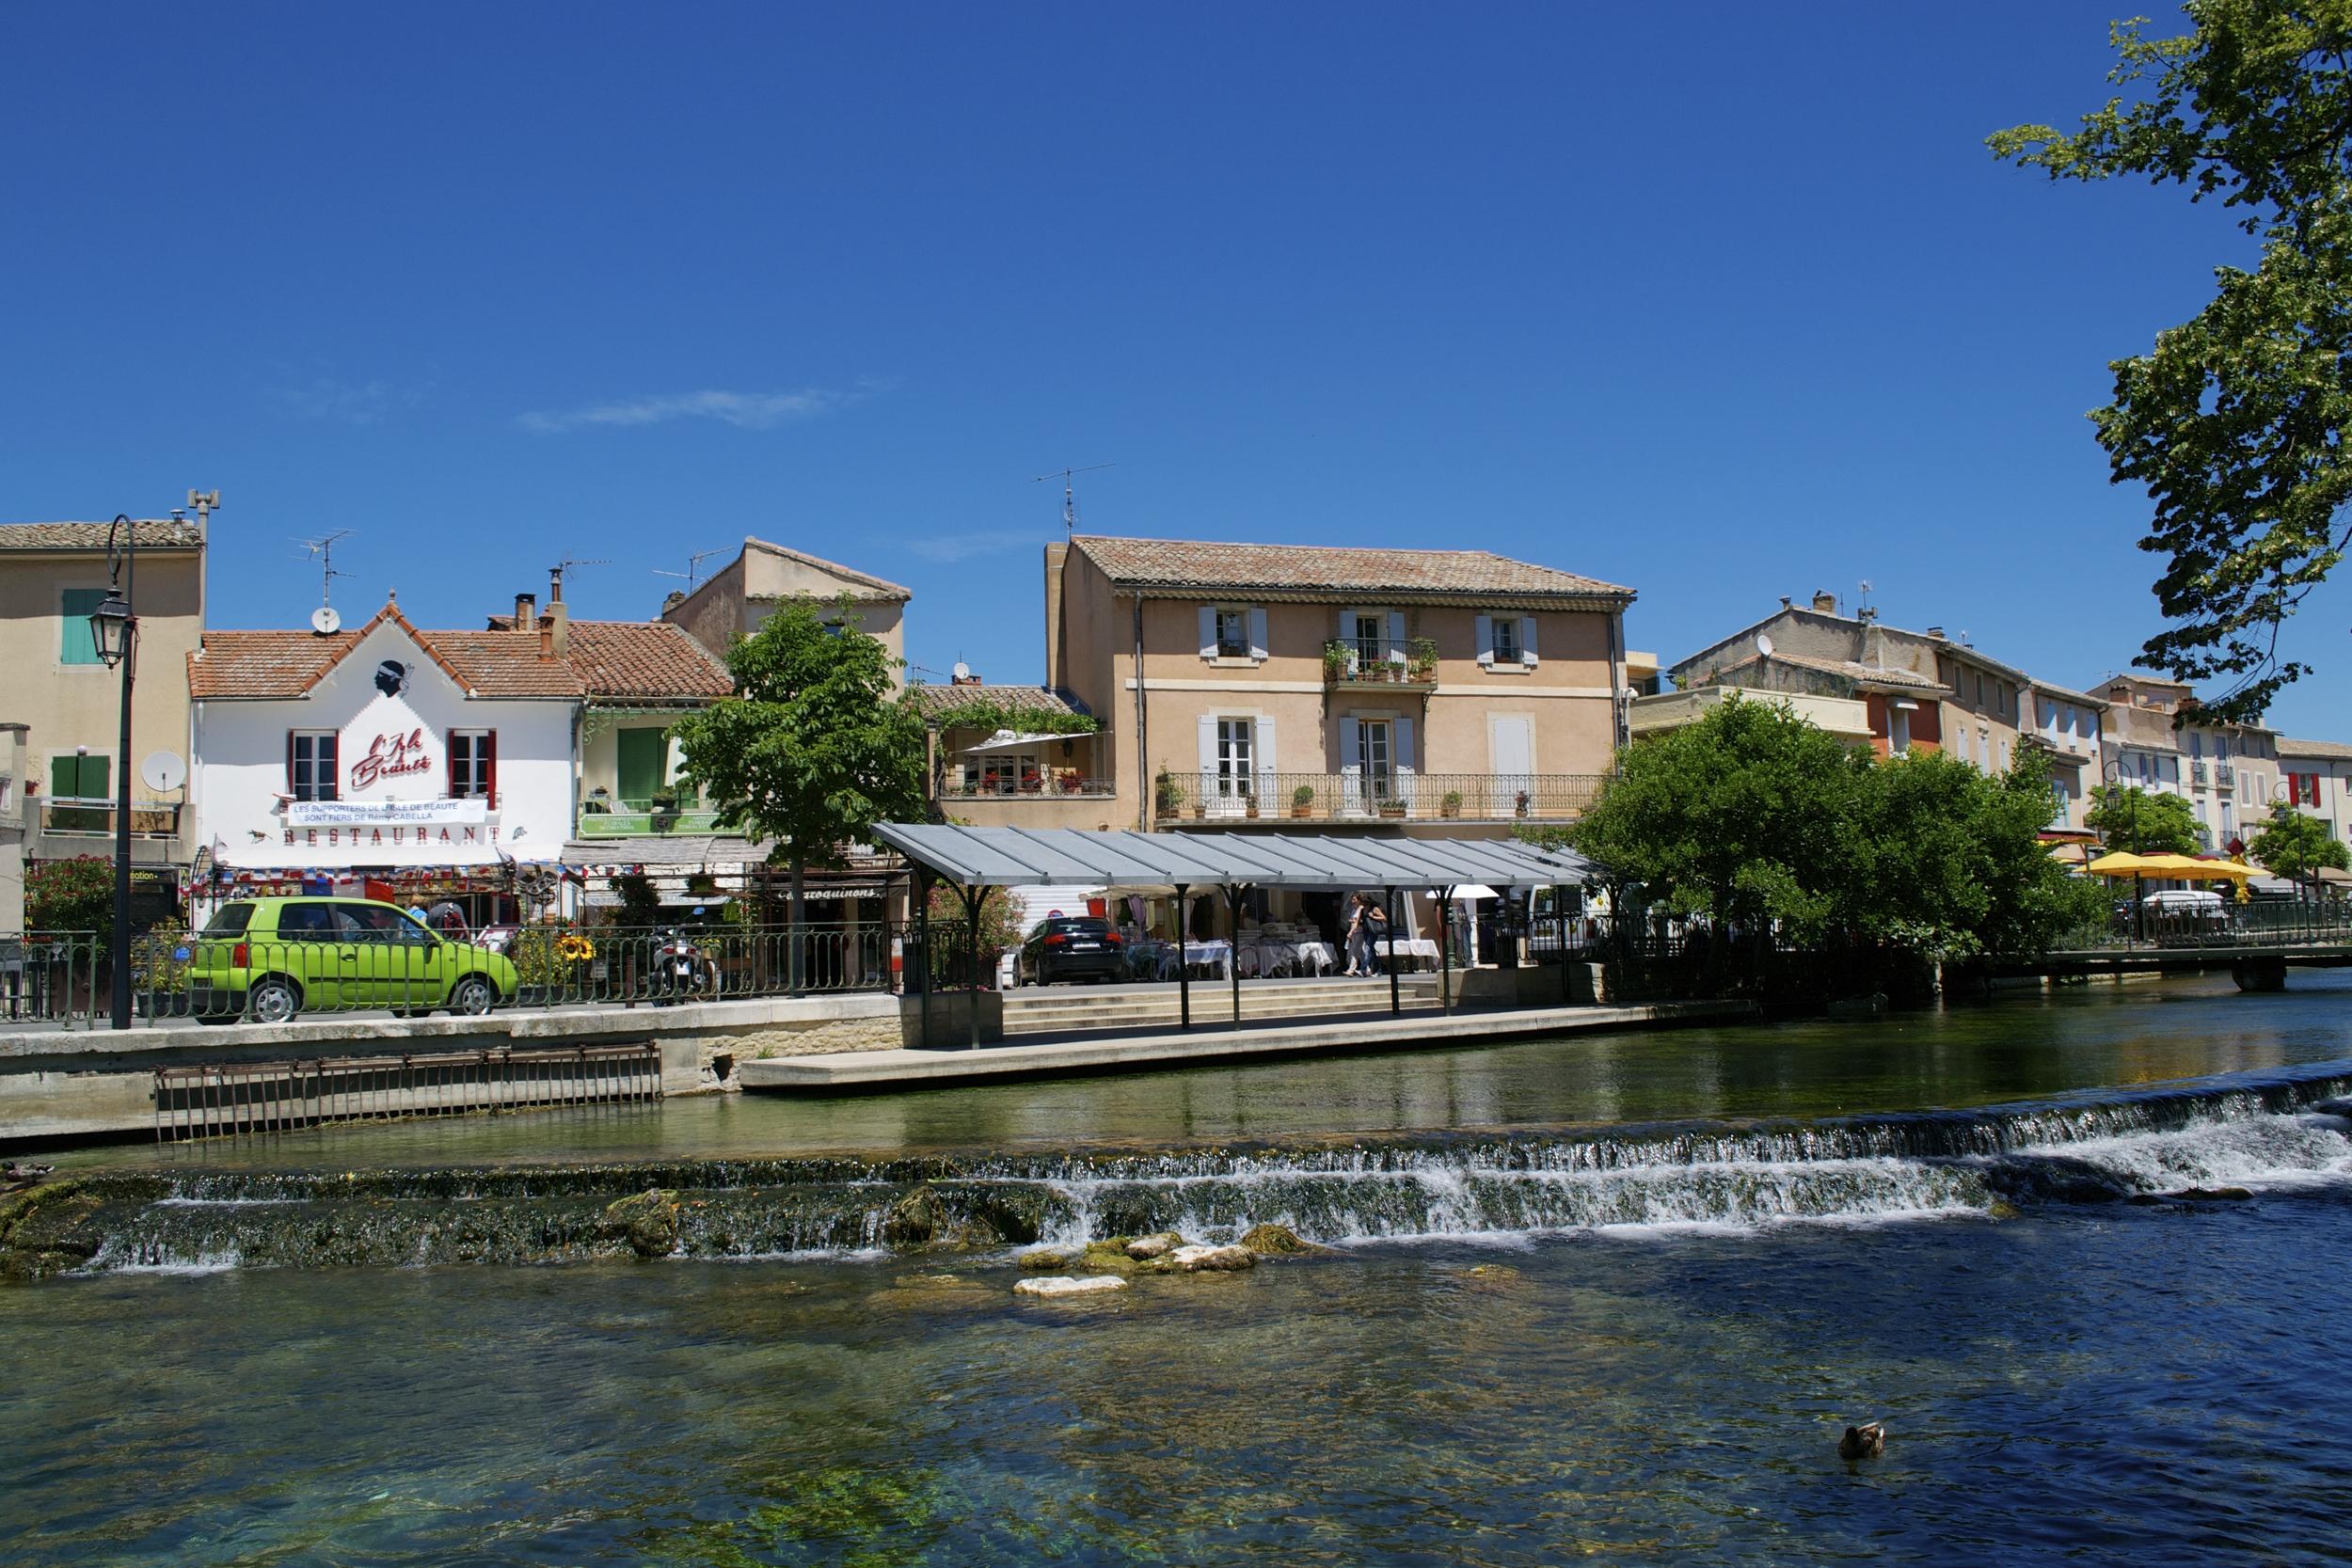 The utterly charming L'isle-sur-la-Sorgue.